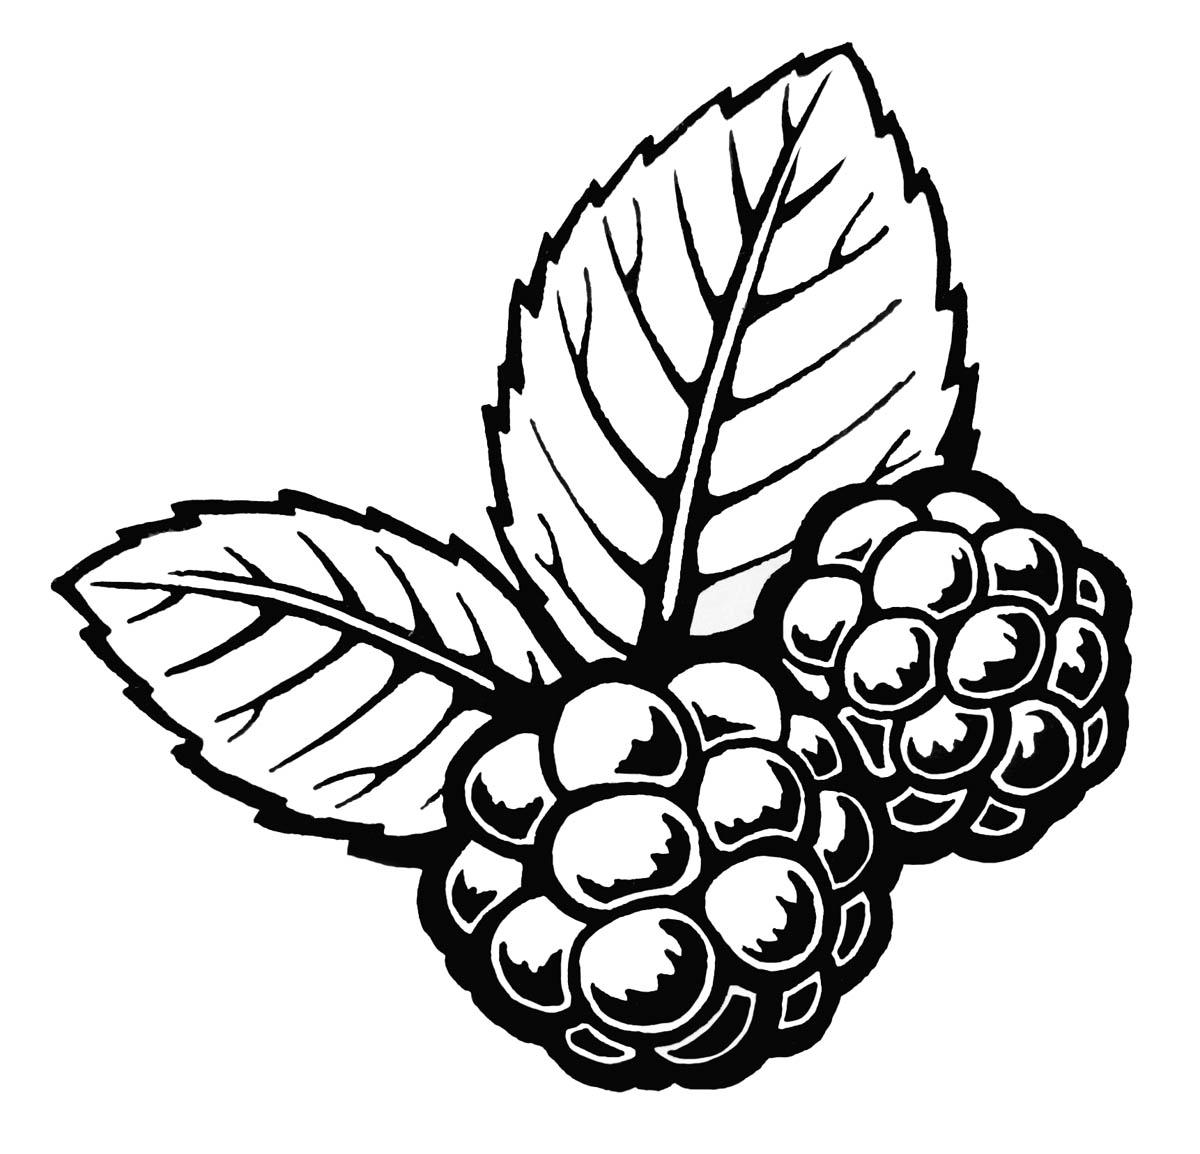 Octopus Ink: Blackberries